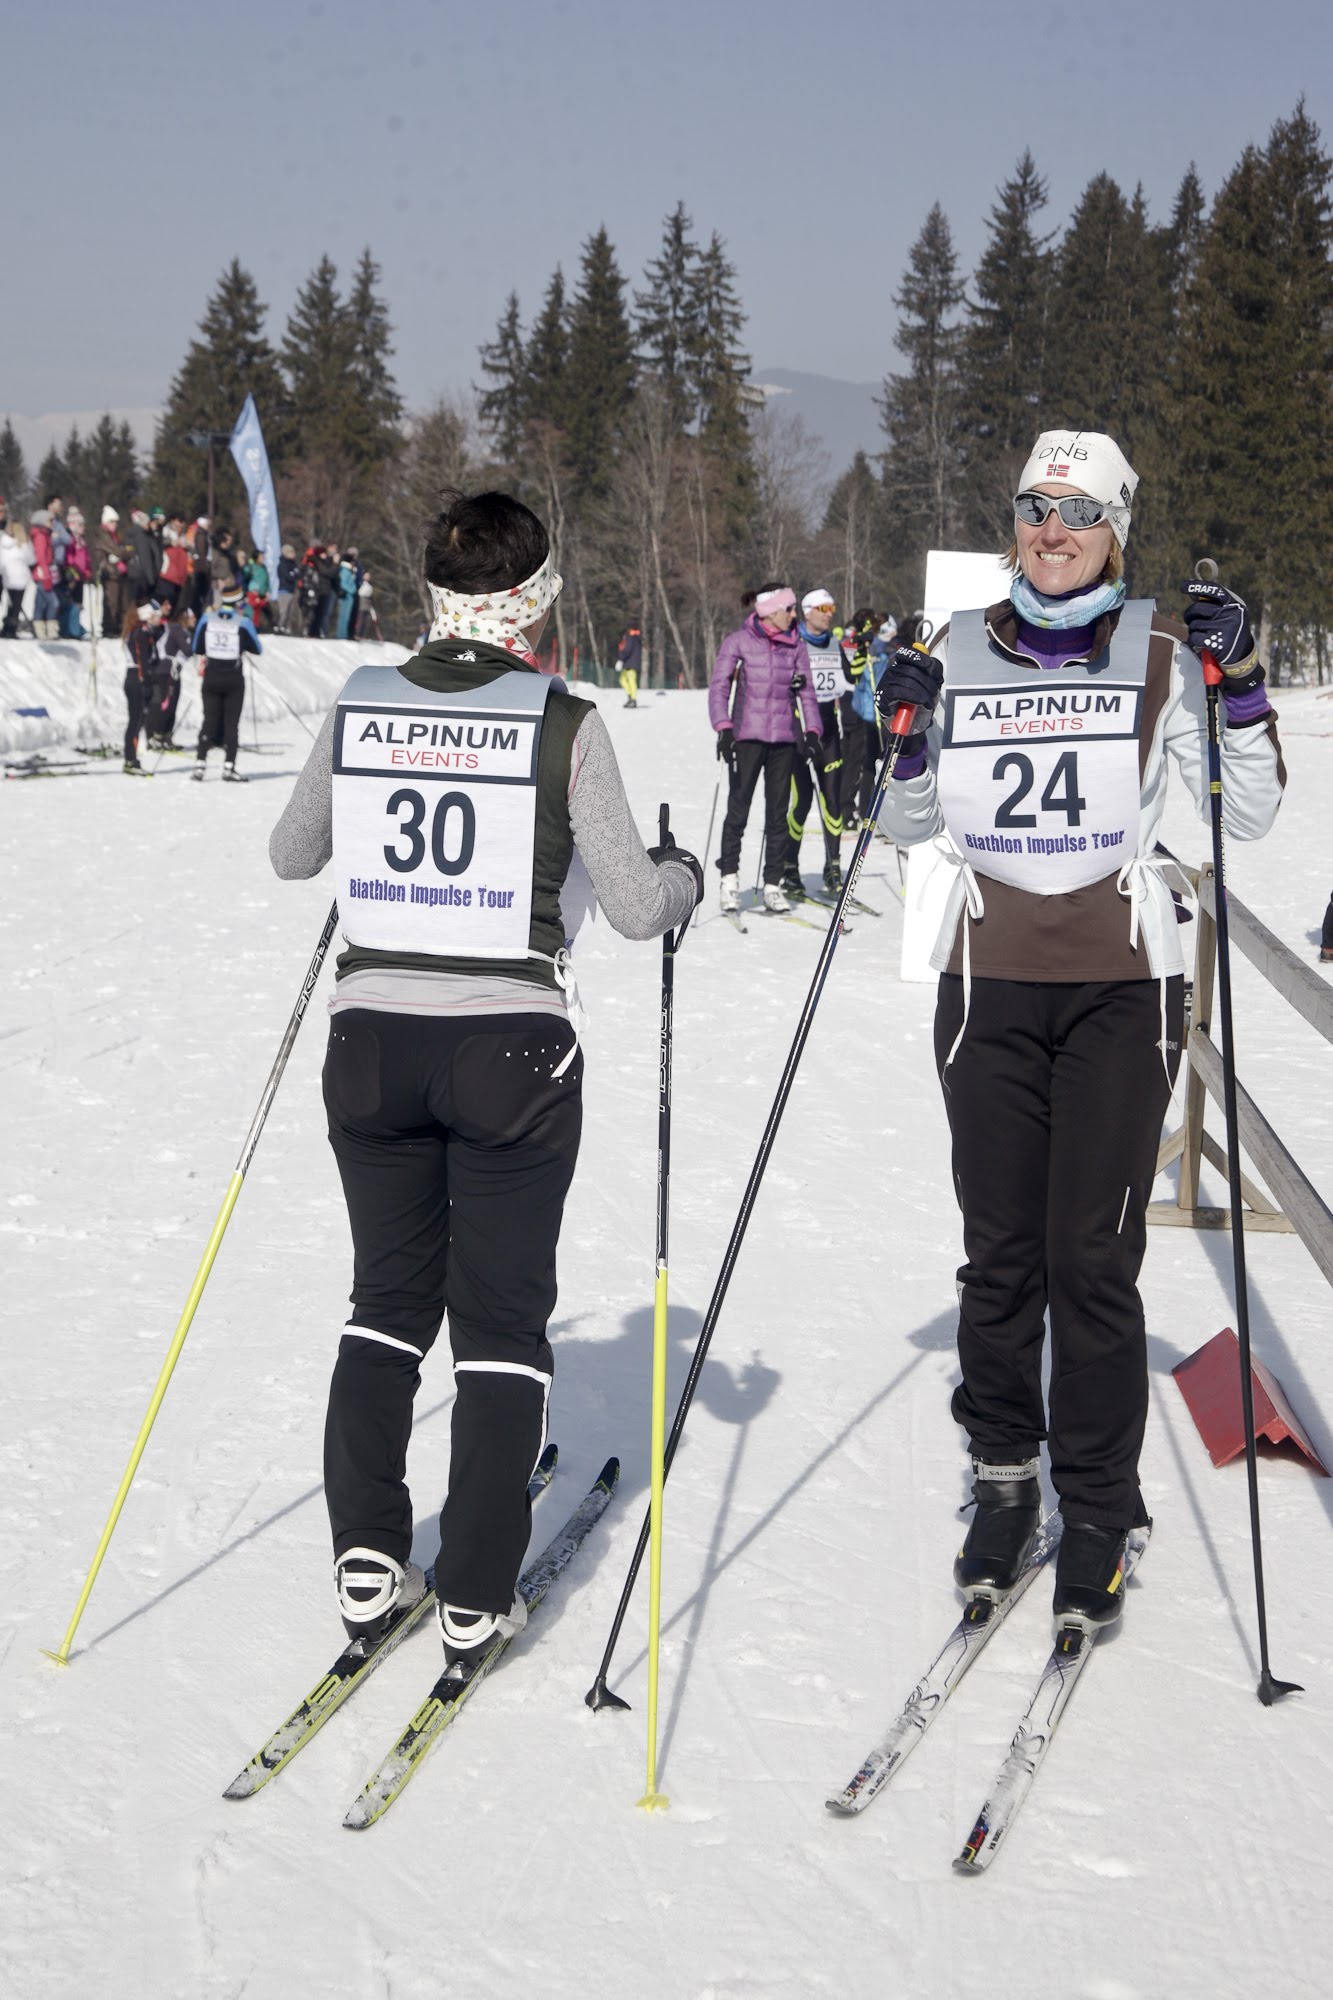 180224-BiathlonImpulse-Contamines-042